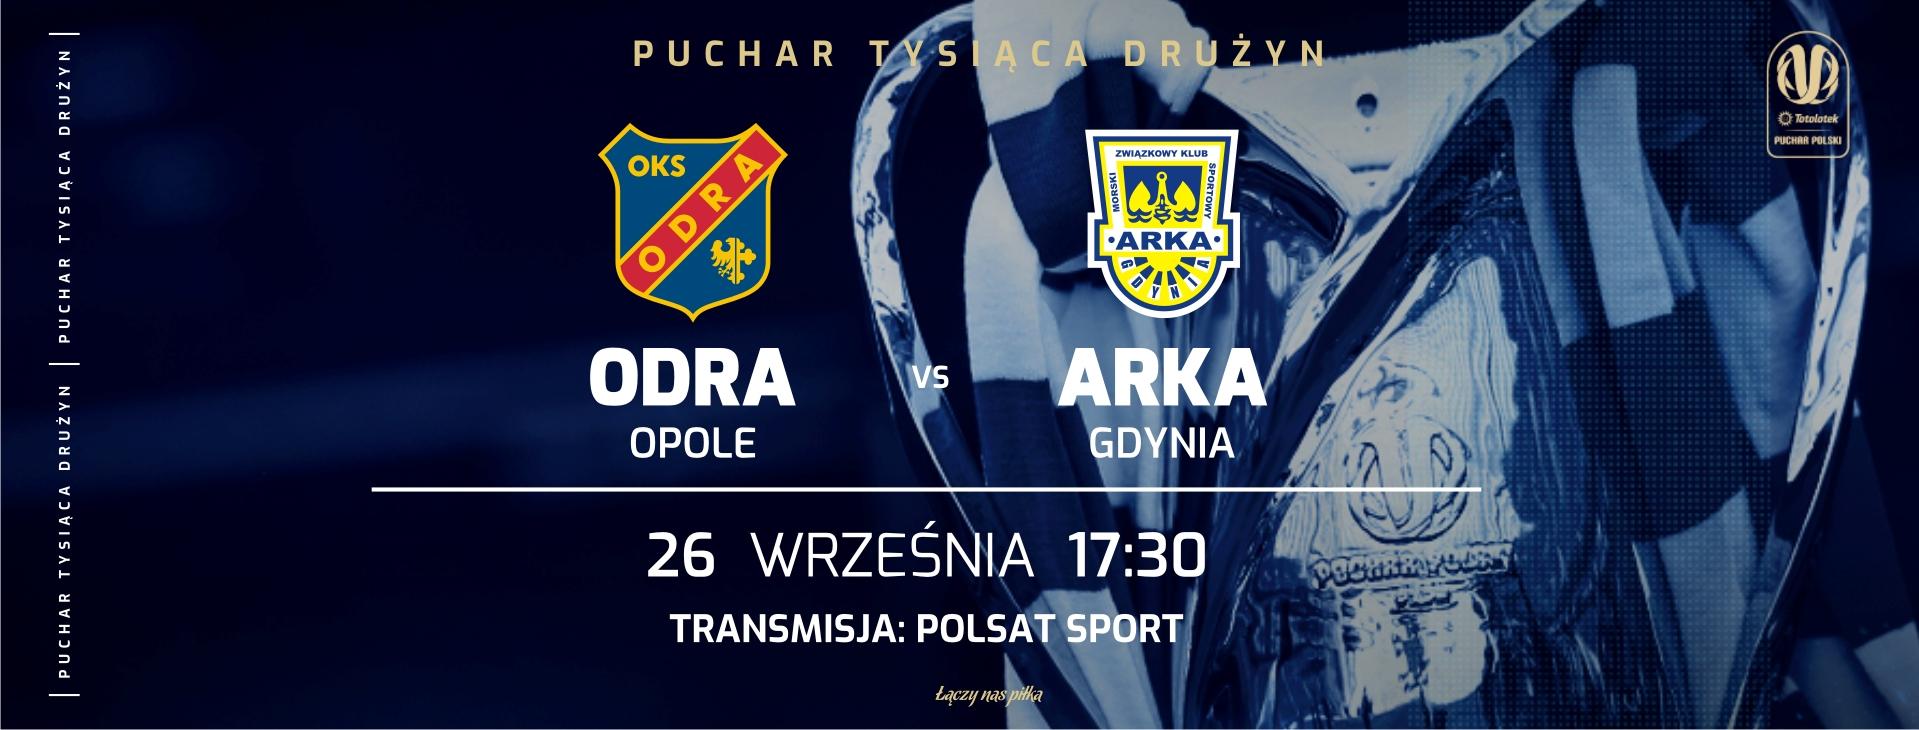 Harmonogram sprzedaży biletów na mecz pucharowy z Arka Gdynia